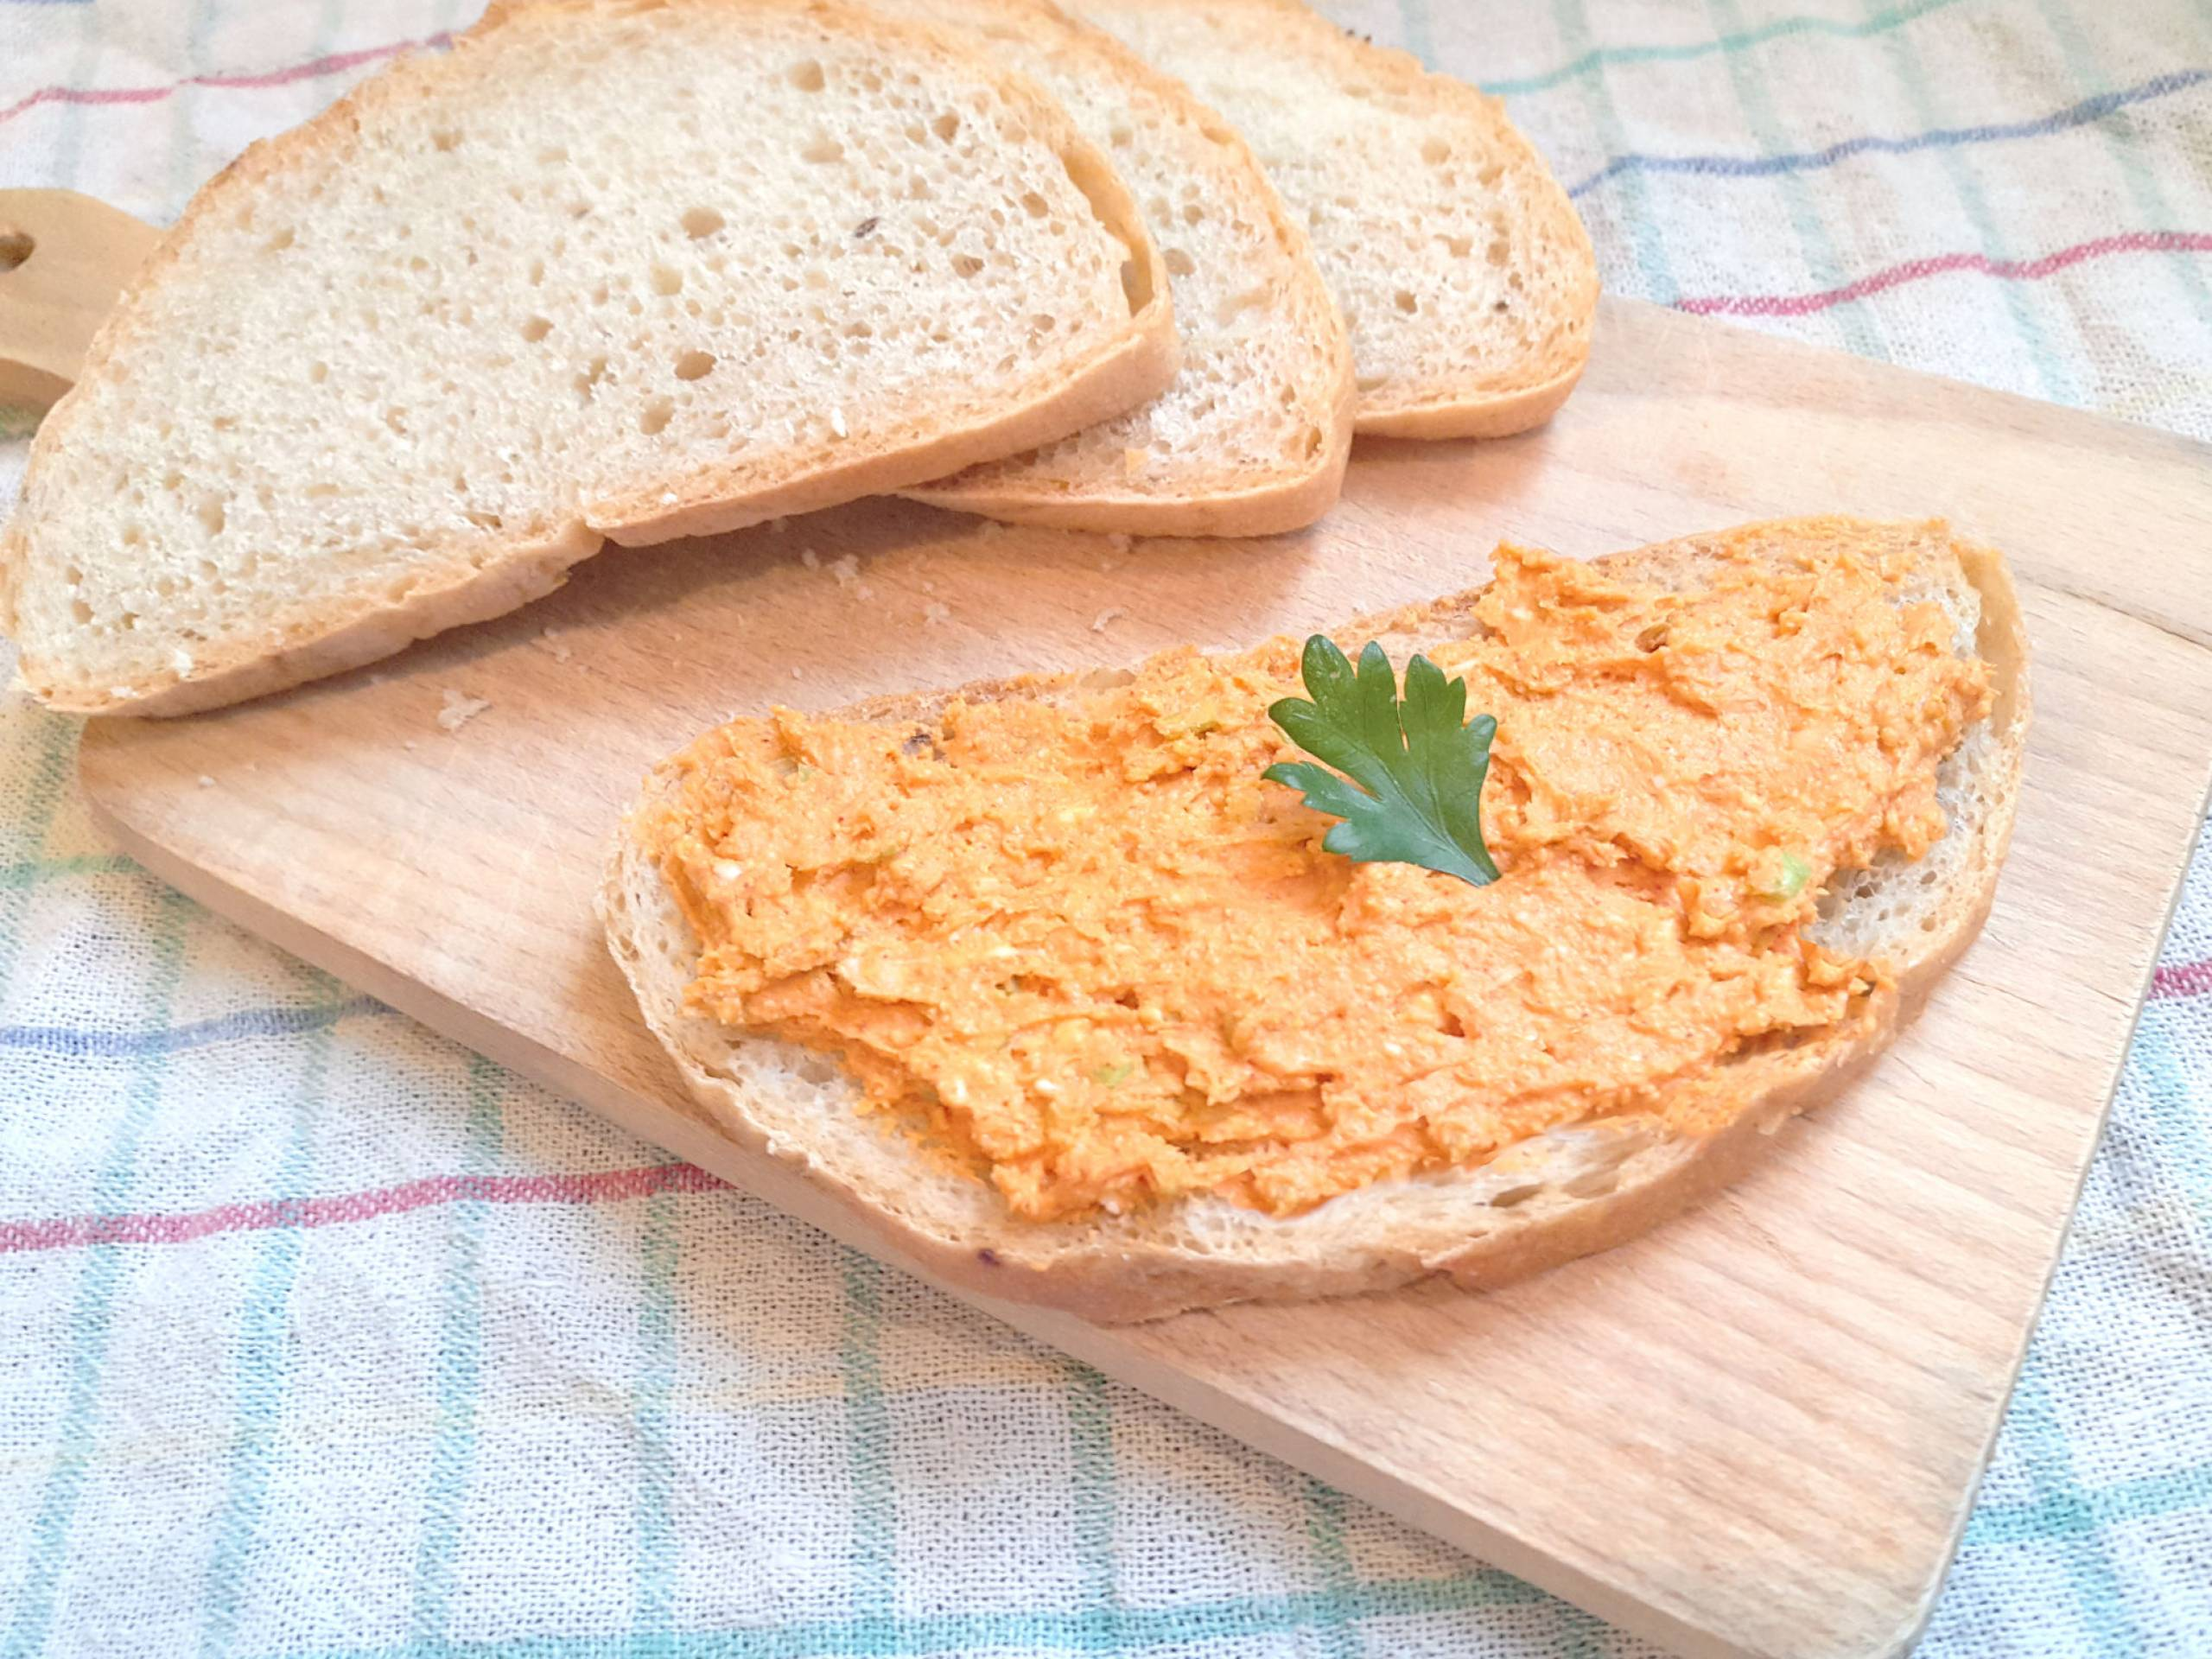 Tradičná pomazánka-šmirkas na domácom chlebe na drevenej doske